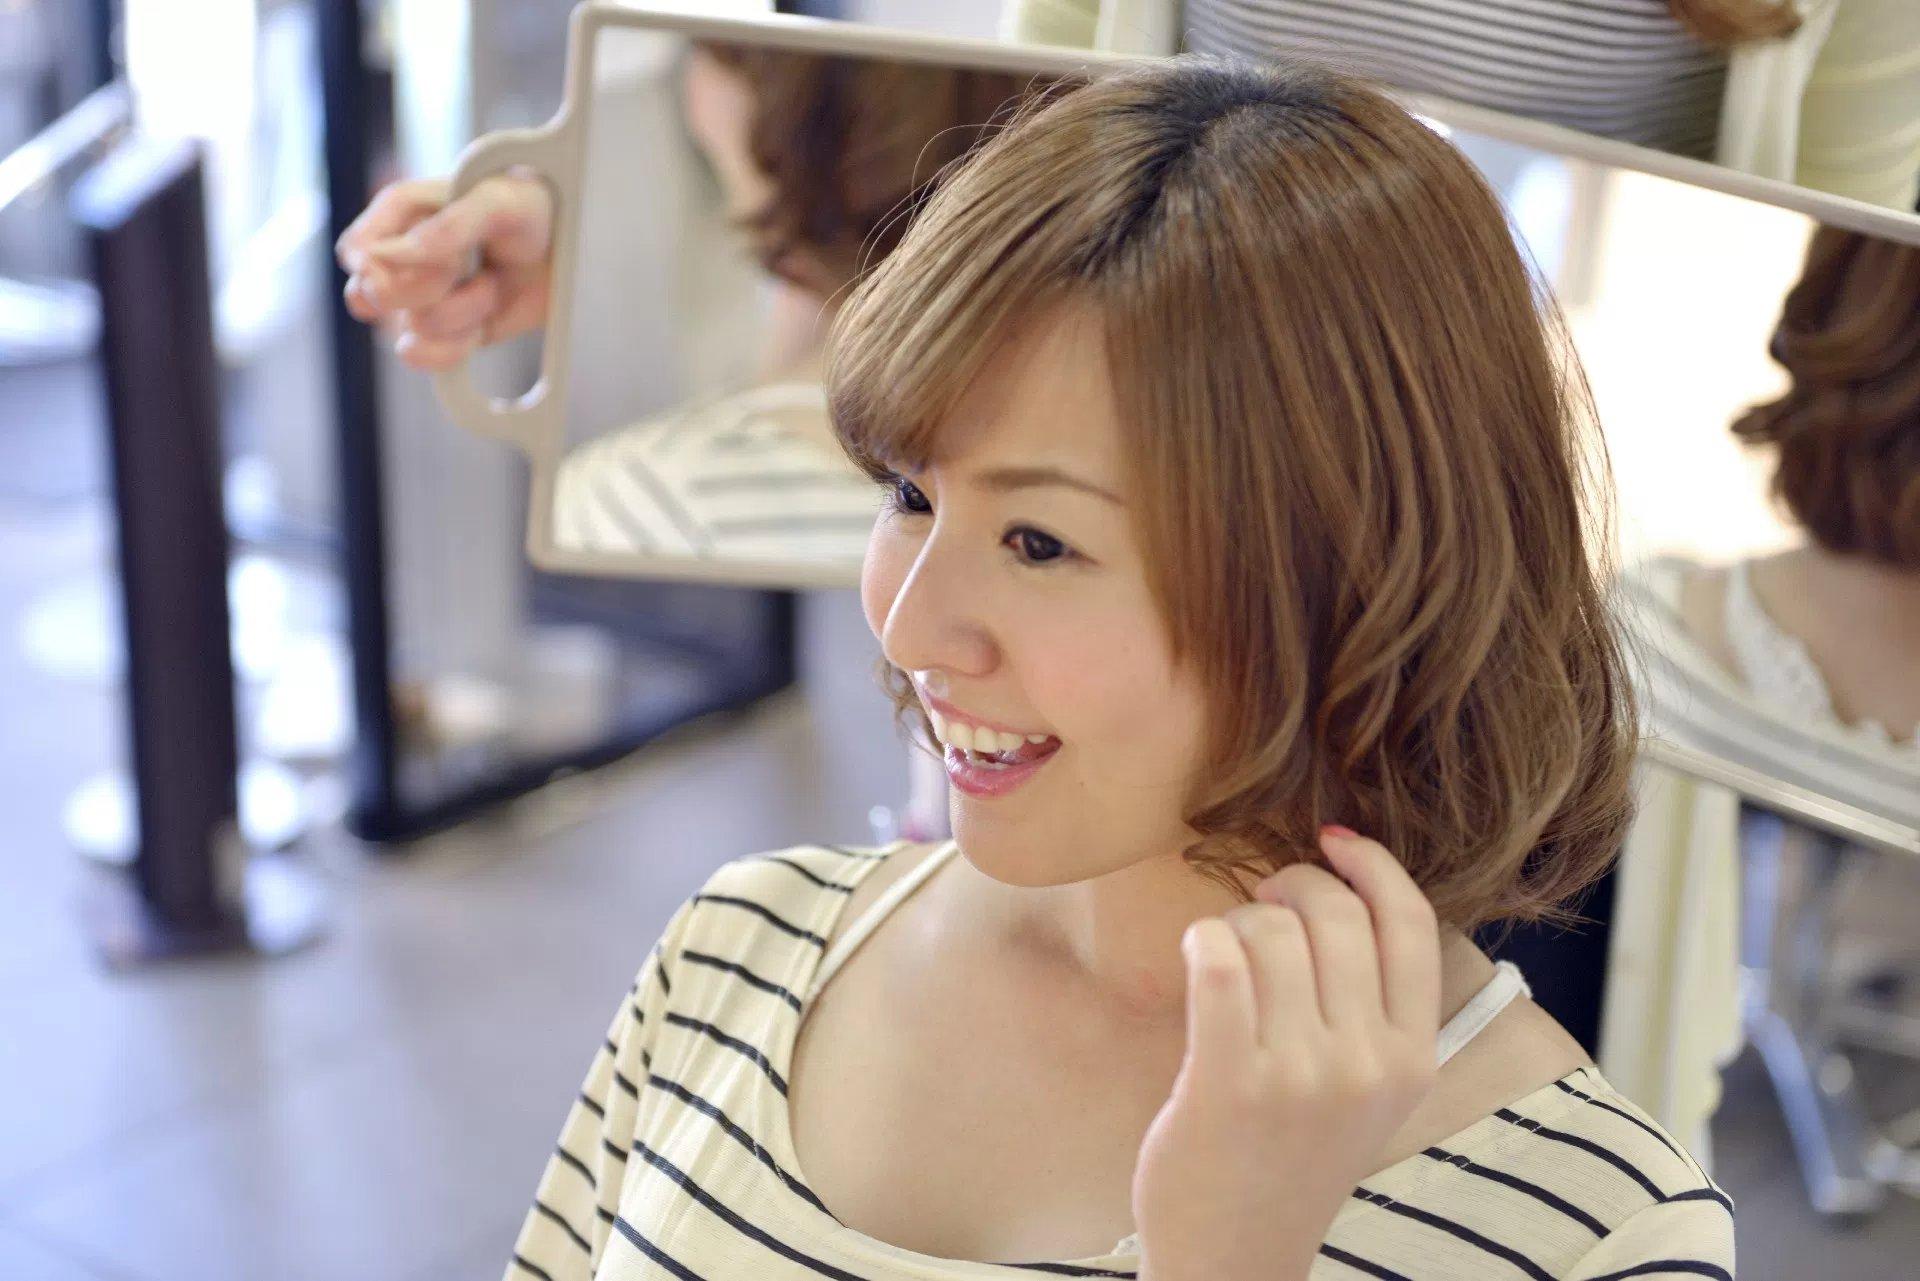 img 5a673fc16e381 - 日本人から見るとちょっと違和感!?韓国で流行中の髪型とは